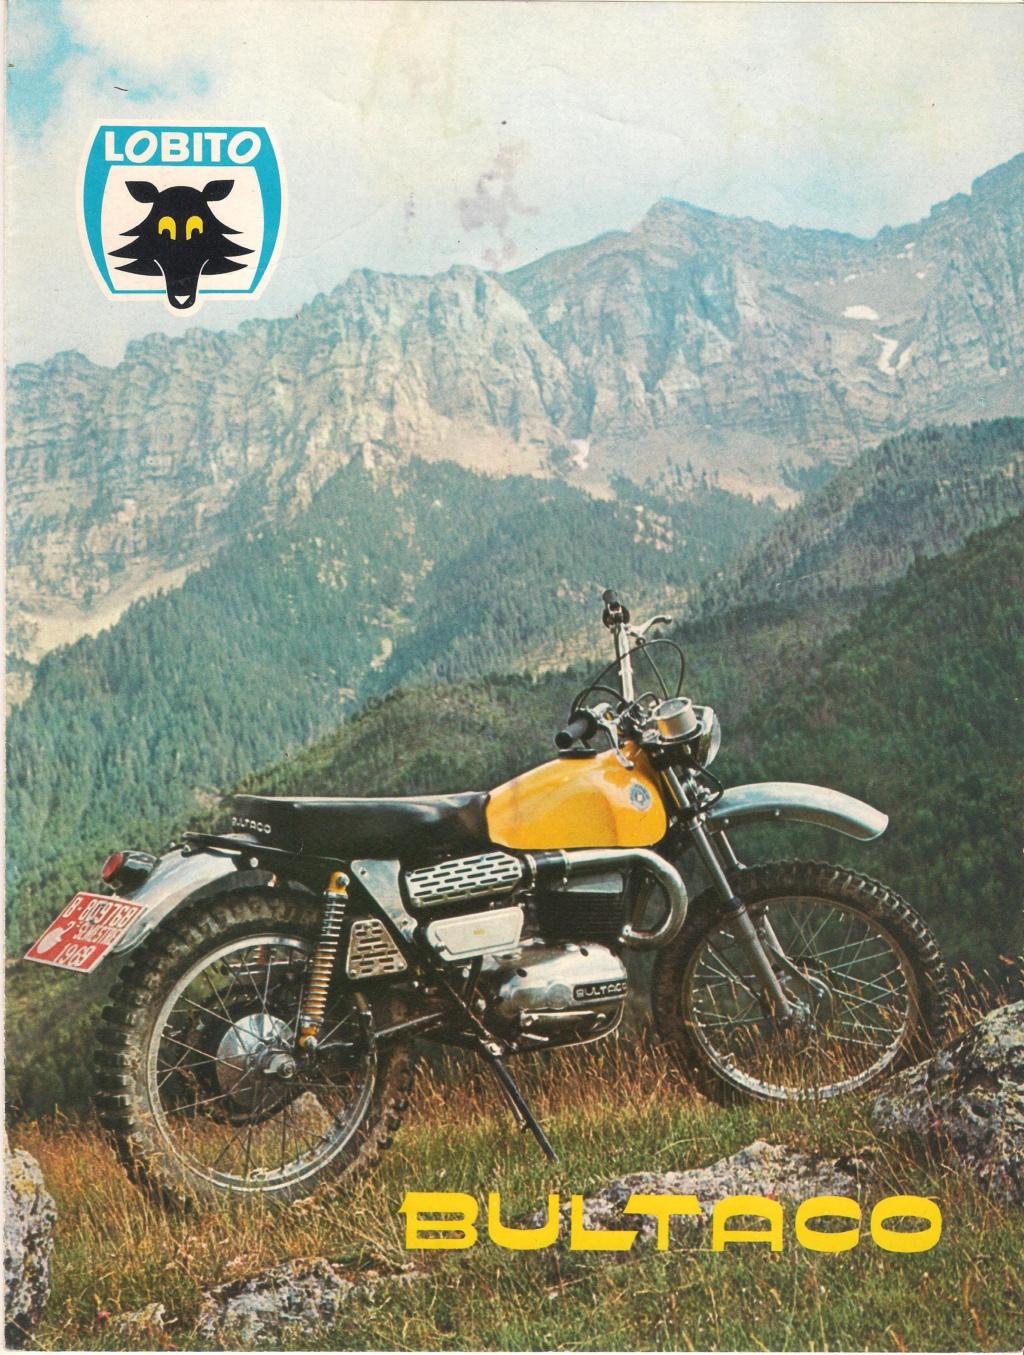 Restauración Lobito 74 Mk3 - Página 4 Lobito11